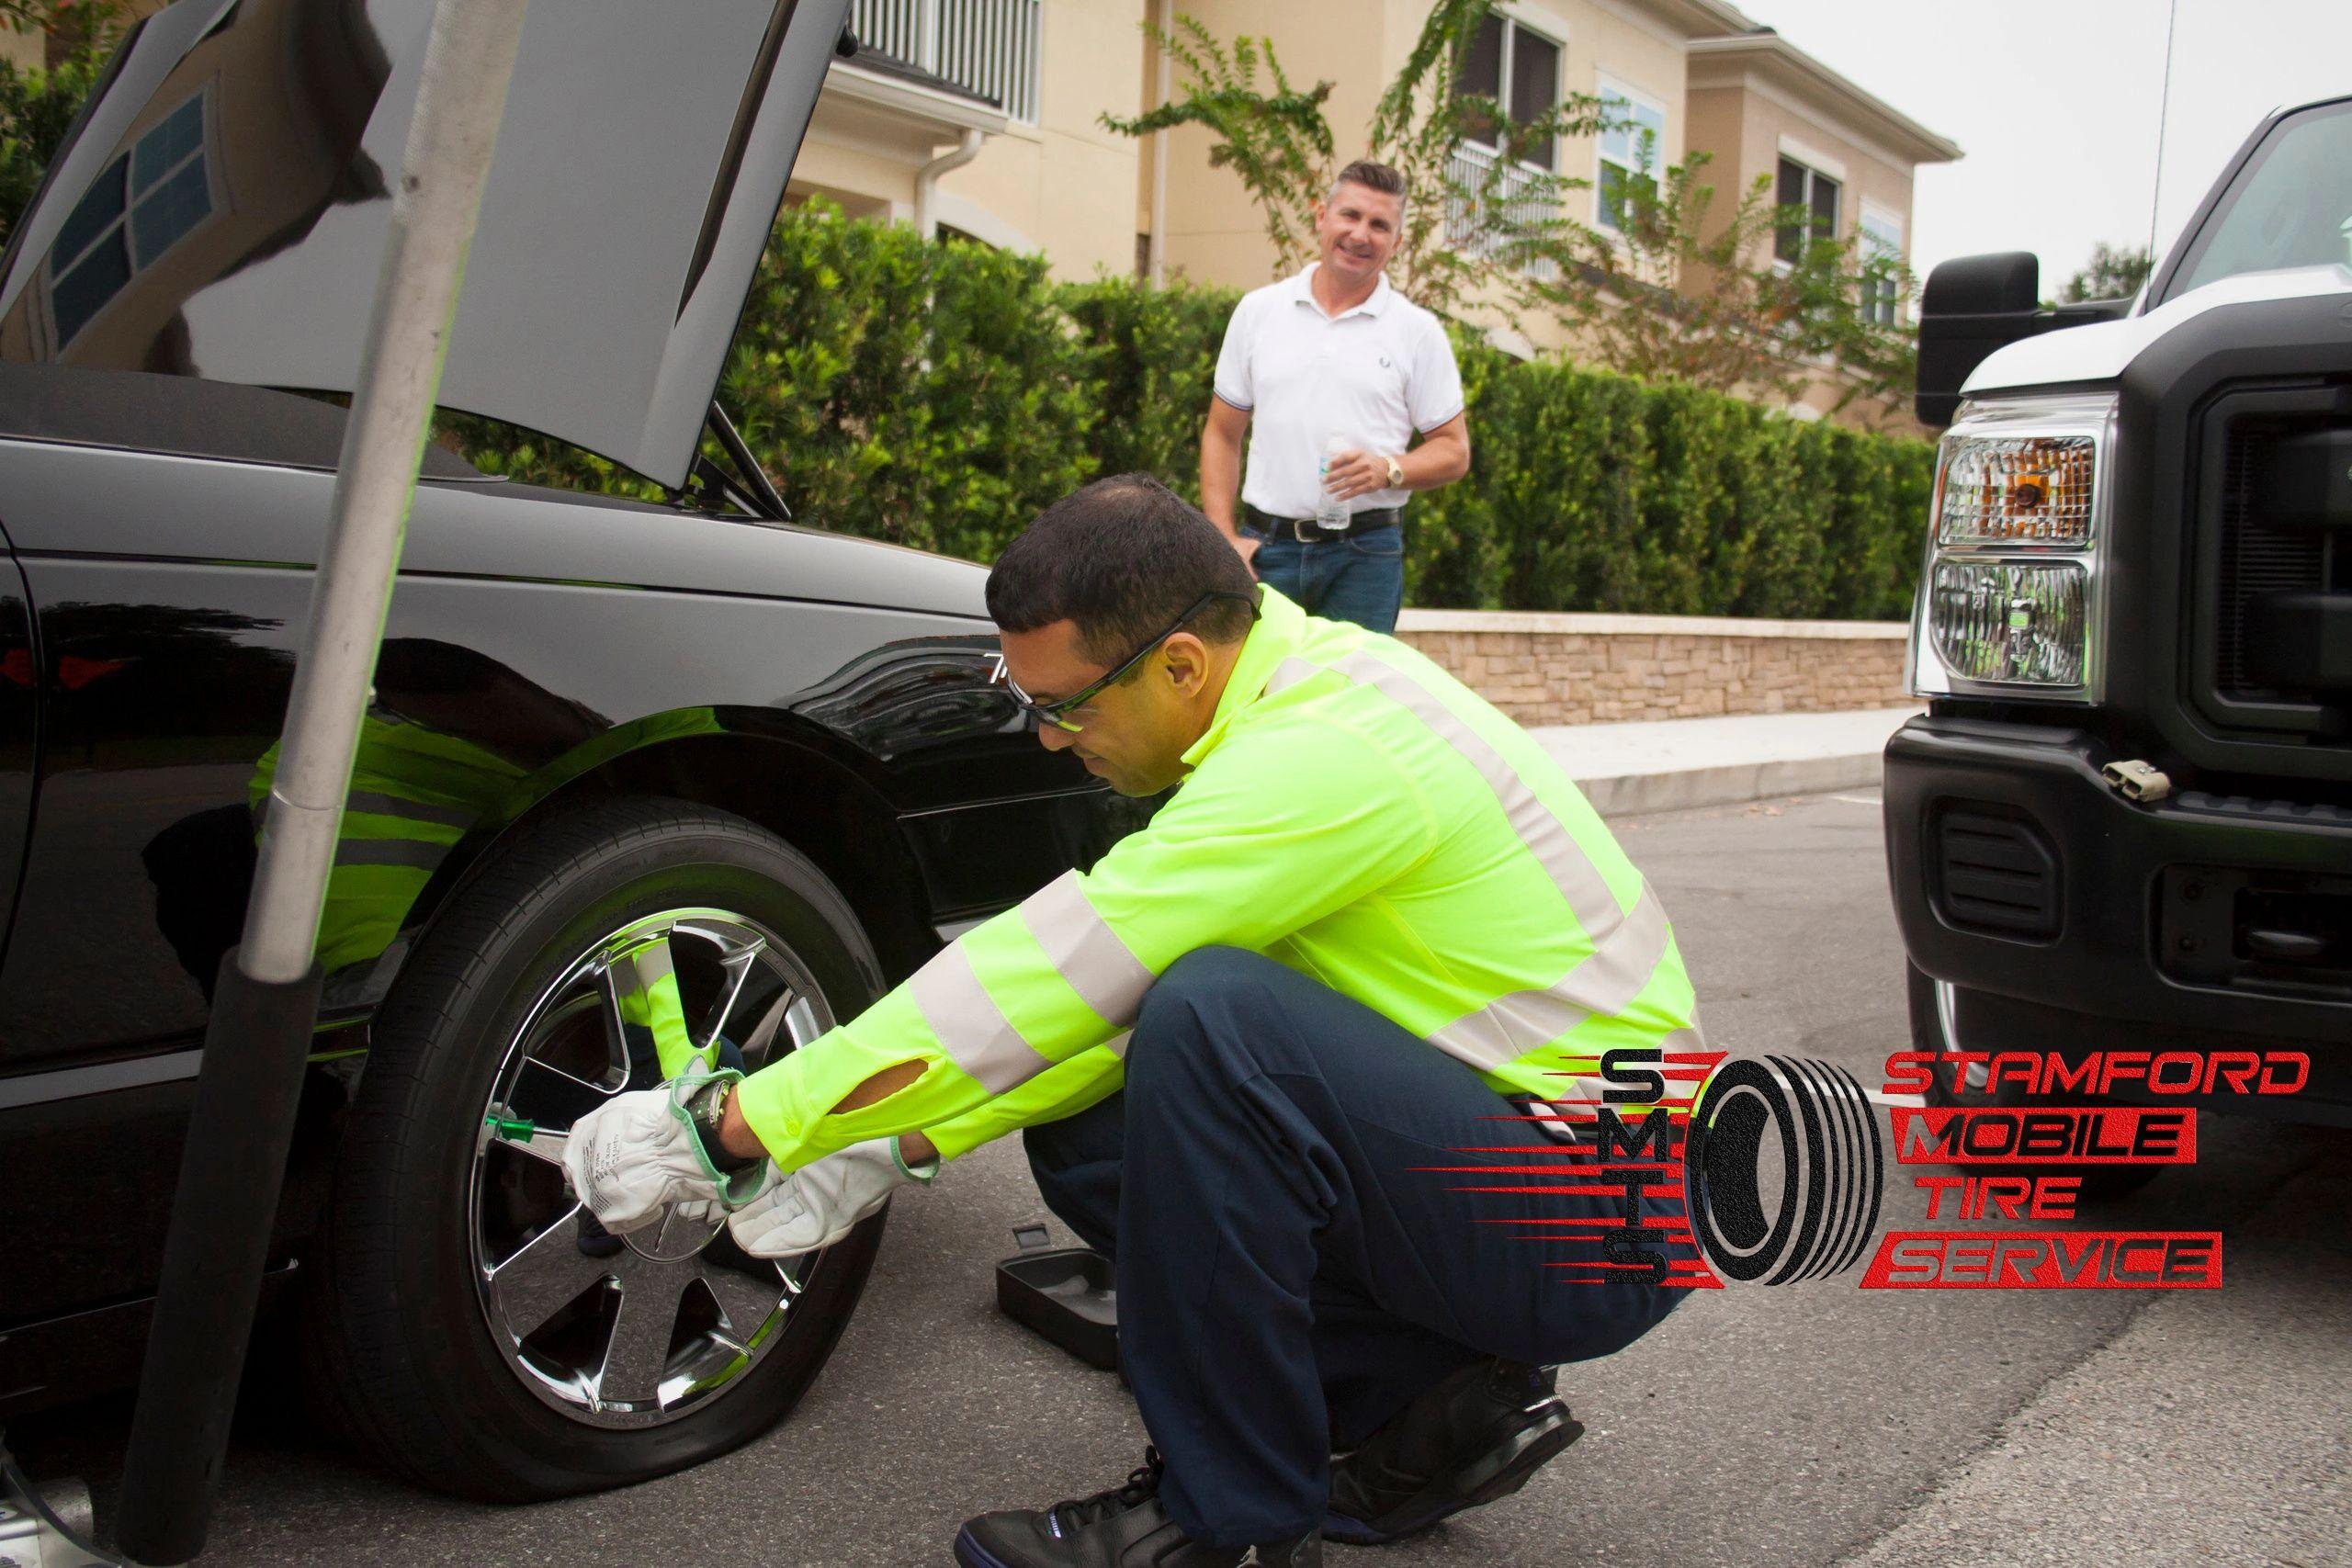 Mobile Tire Service >> Tire Shop Stamford Mobile Tire Service